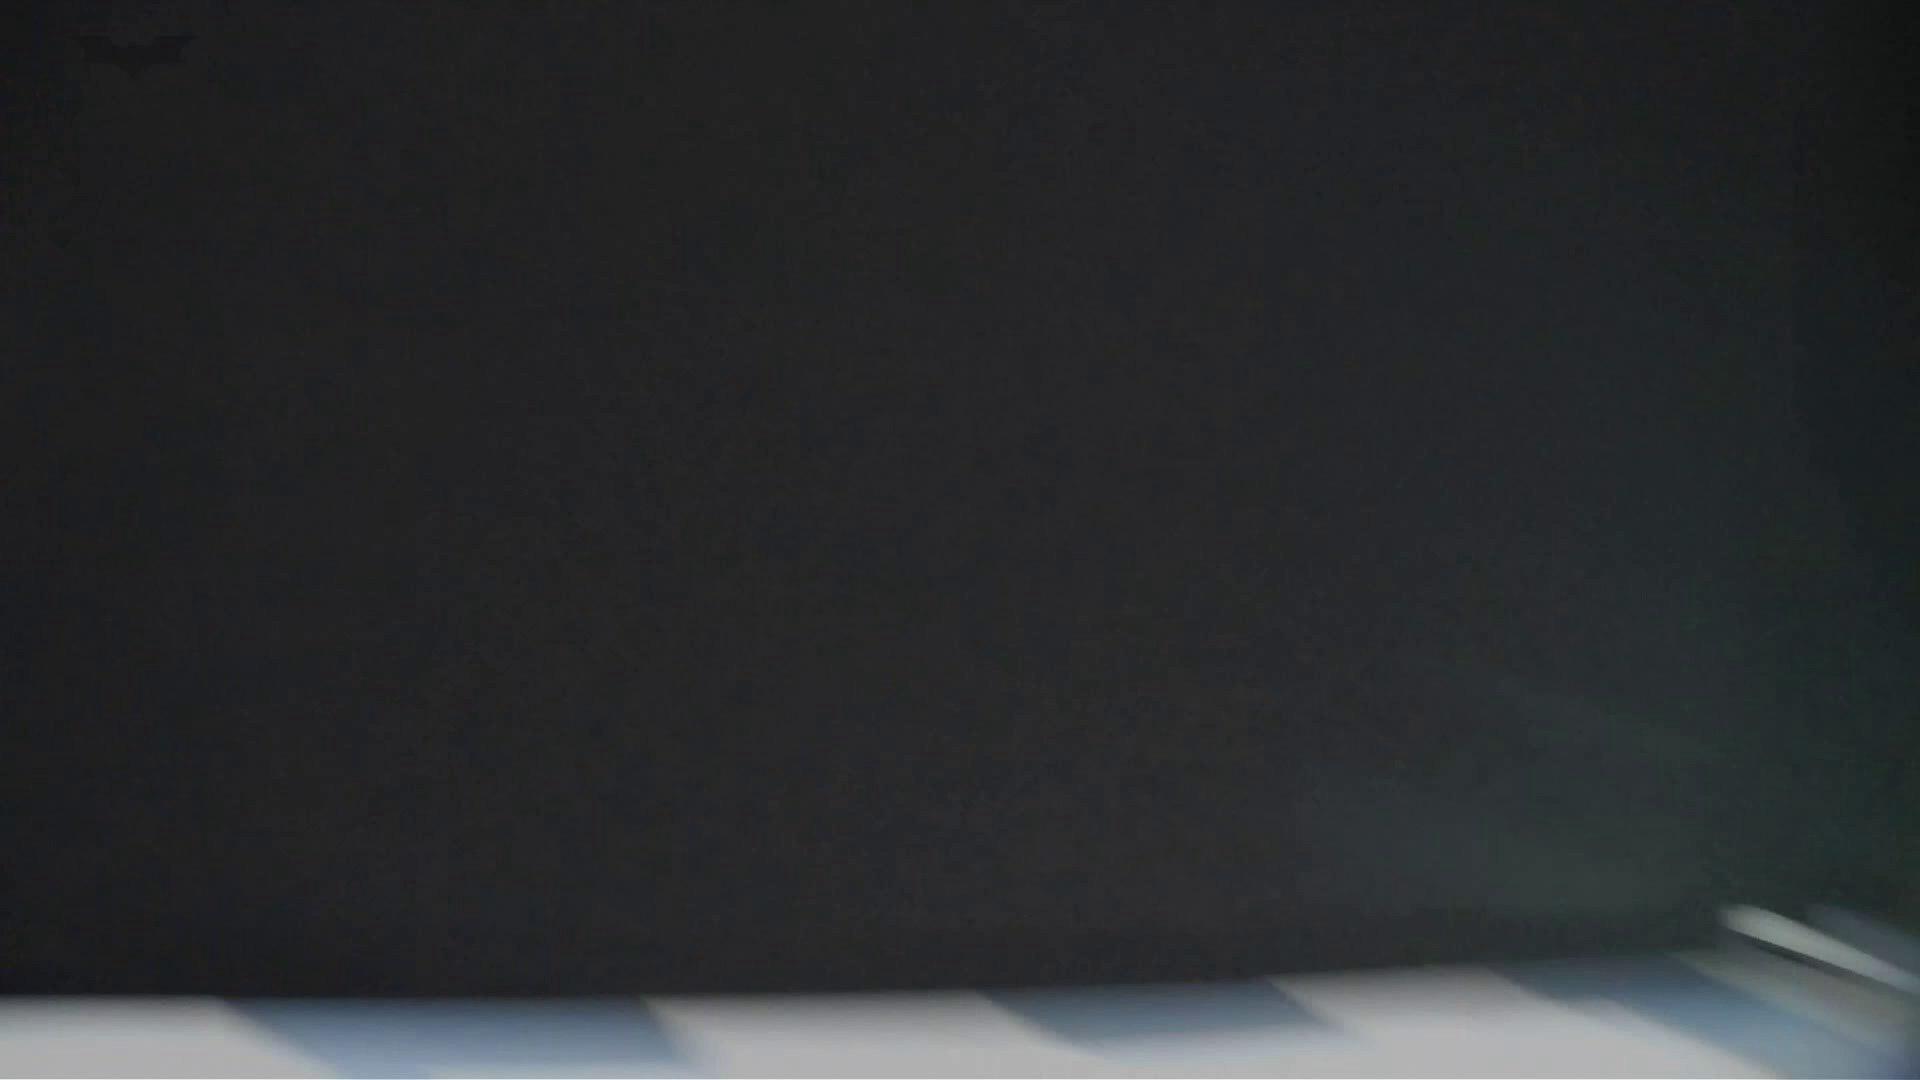 なんだこれVol.12 美魔女登場、 HD万歳!! 違いが判る映像美!! 洗面所 | 丸見えマンコ  20画像 17